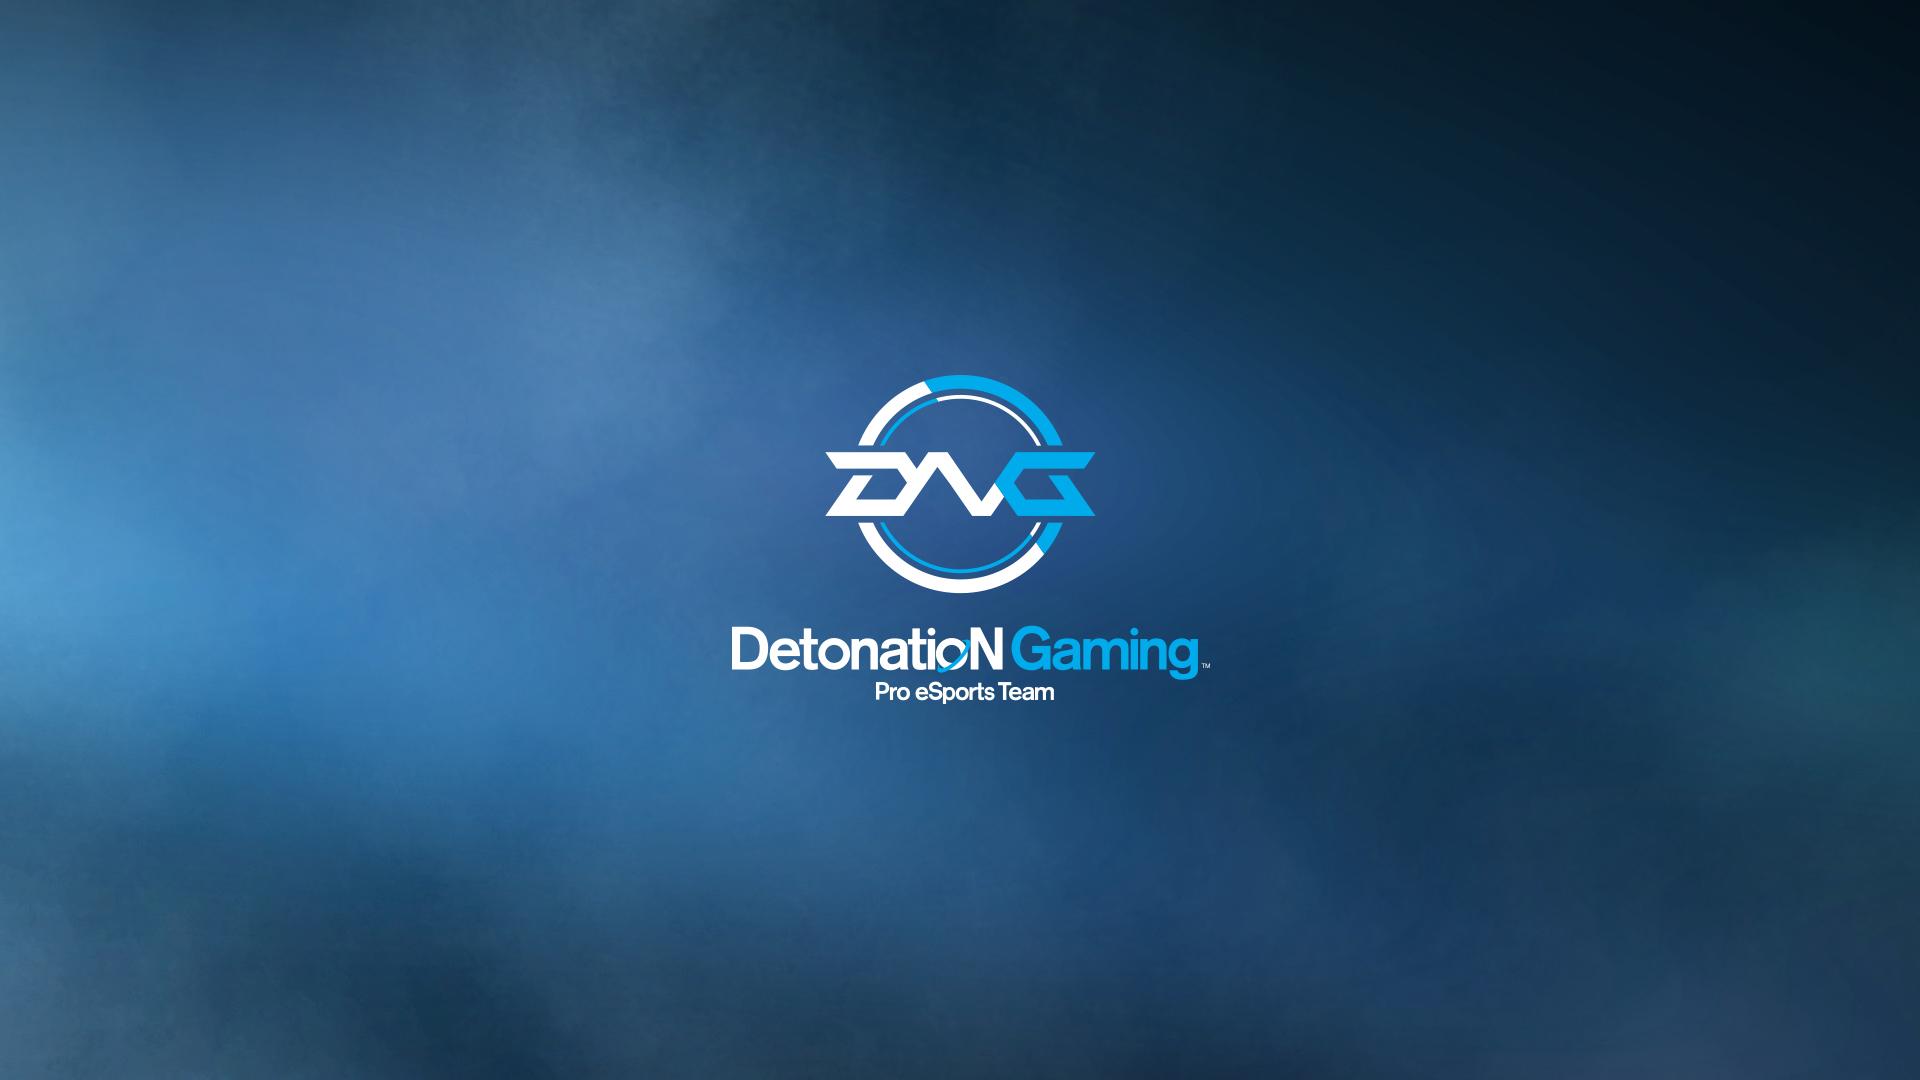 Detonation Gamingオリジナル壁紙を使ってチームを応援しよう スマートフォンaquos シャープ